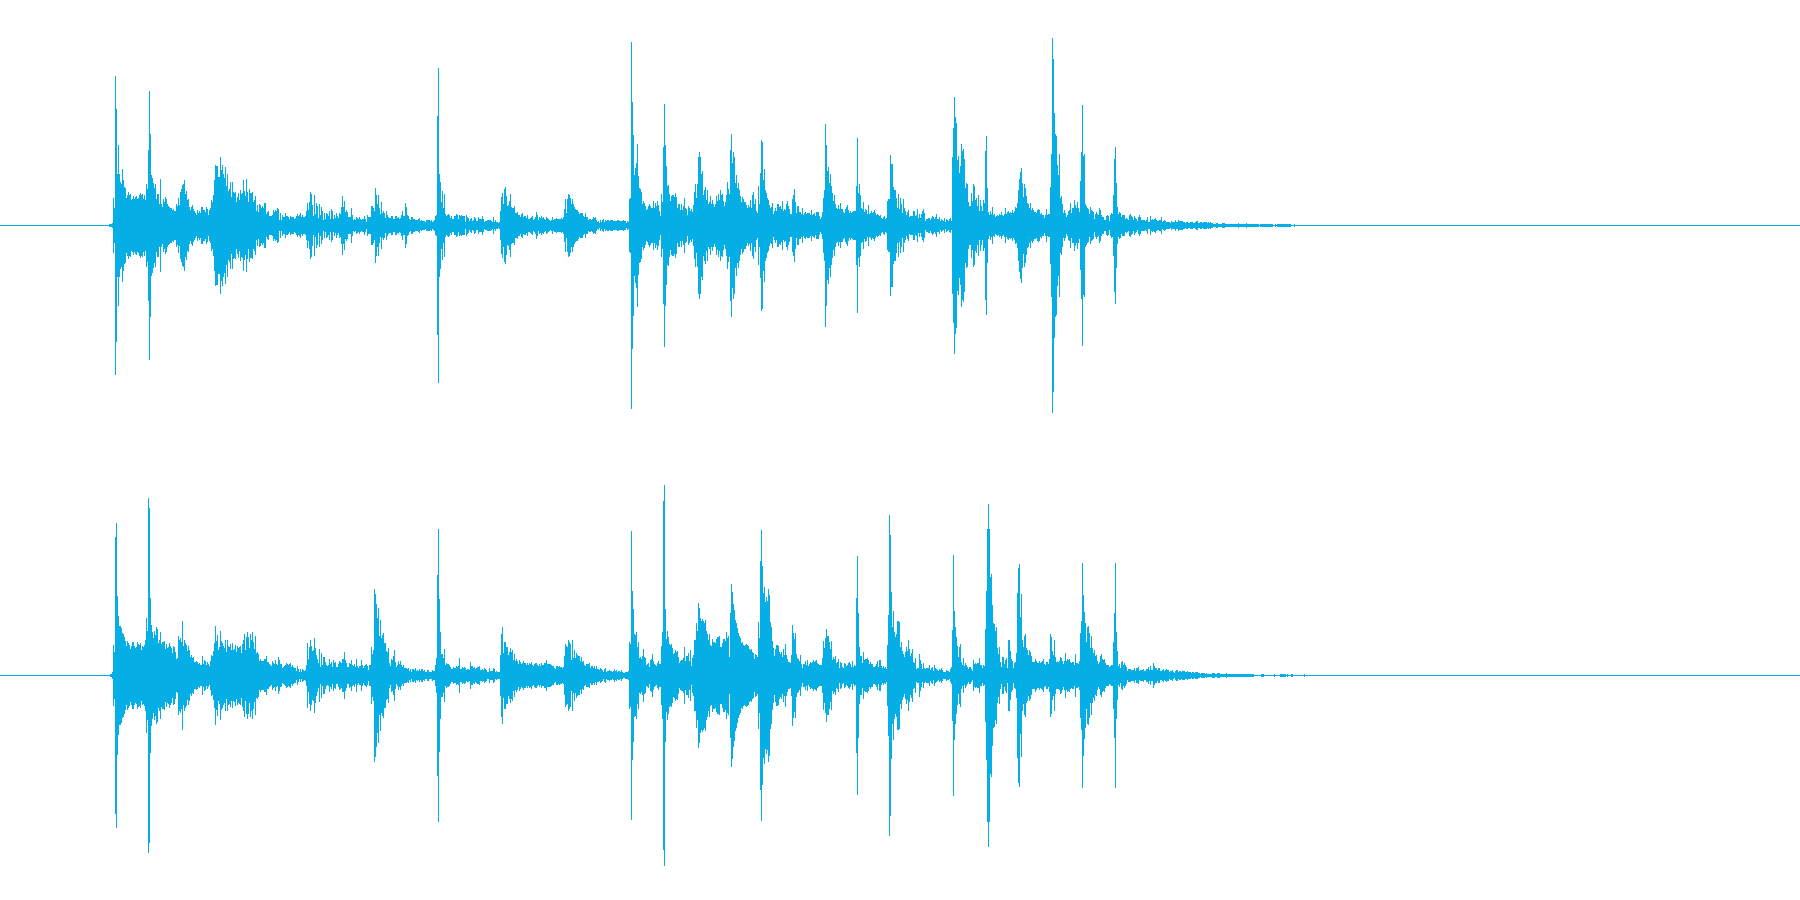 シンプルなテクノの不思議な音色のジングルの再生済みの波形